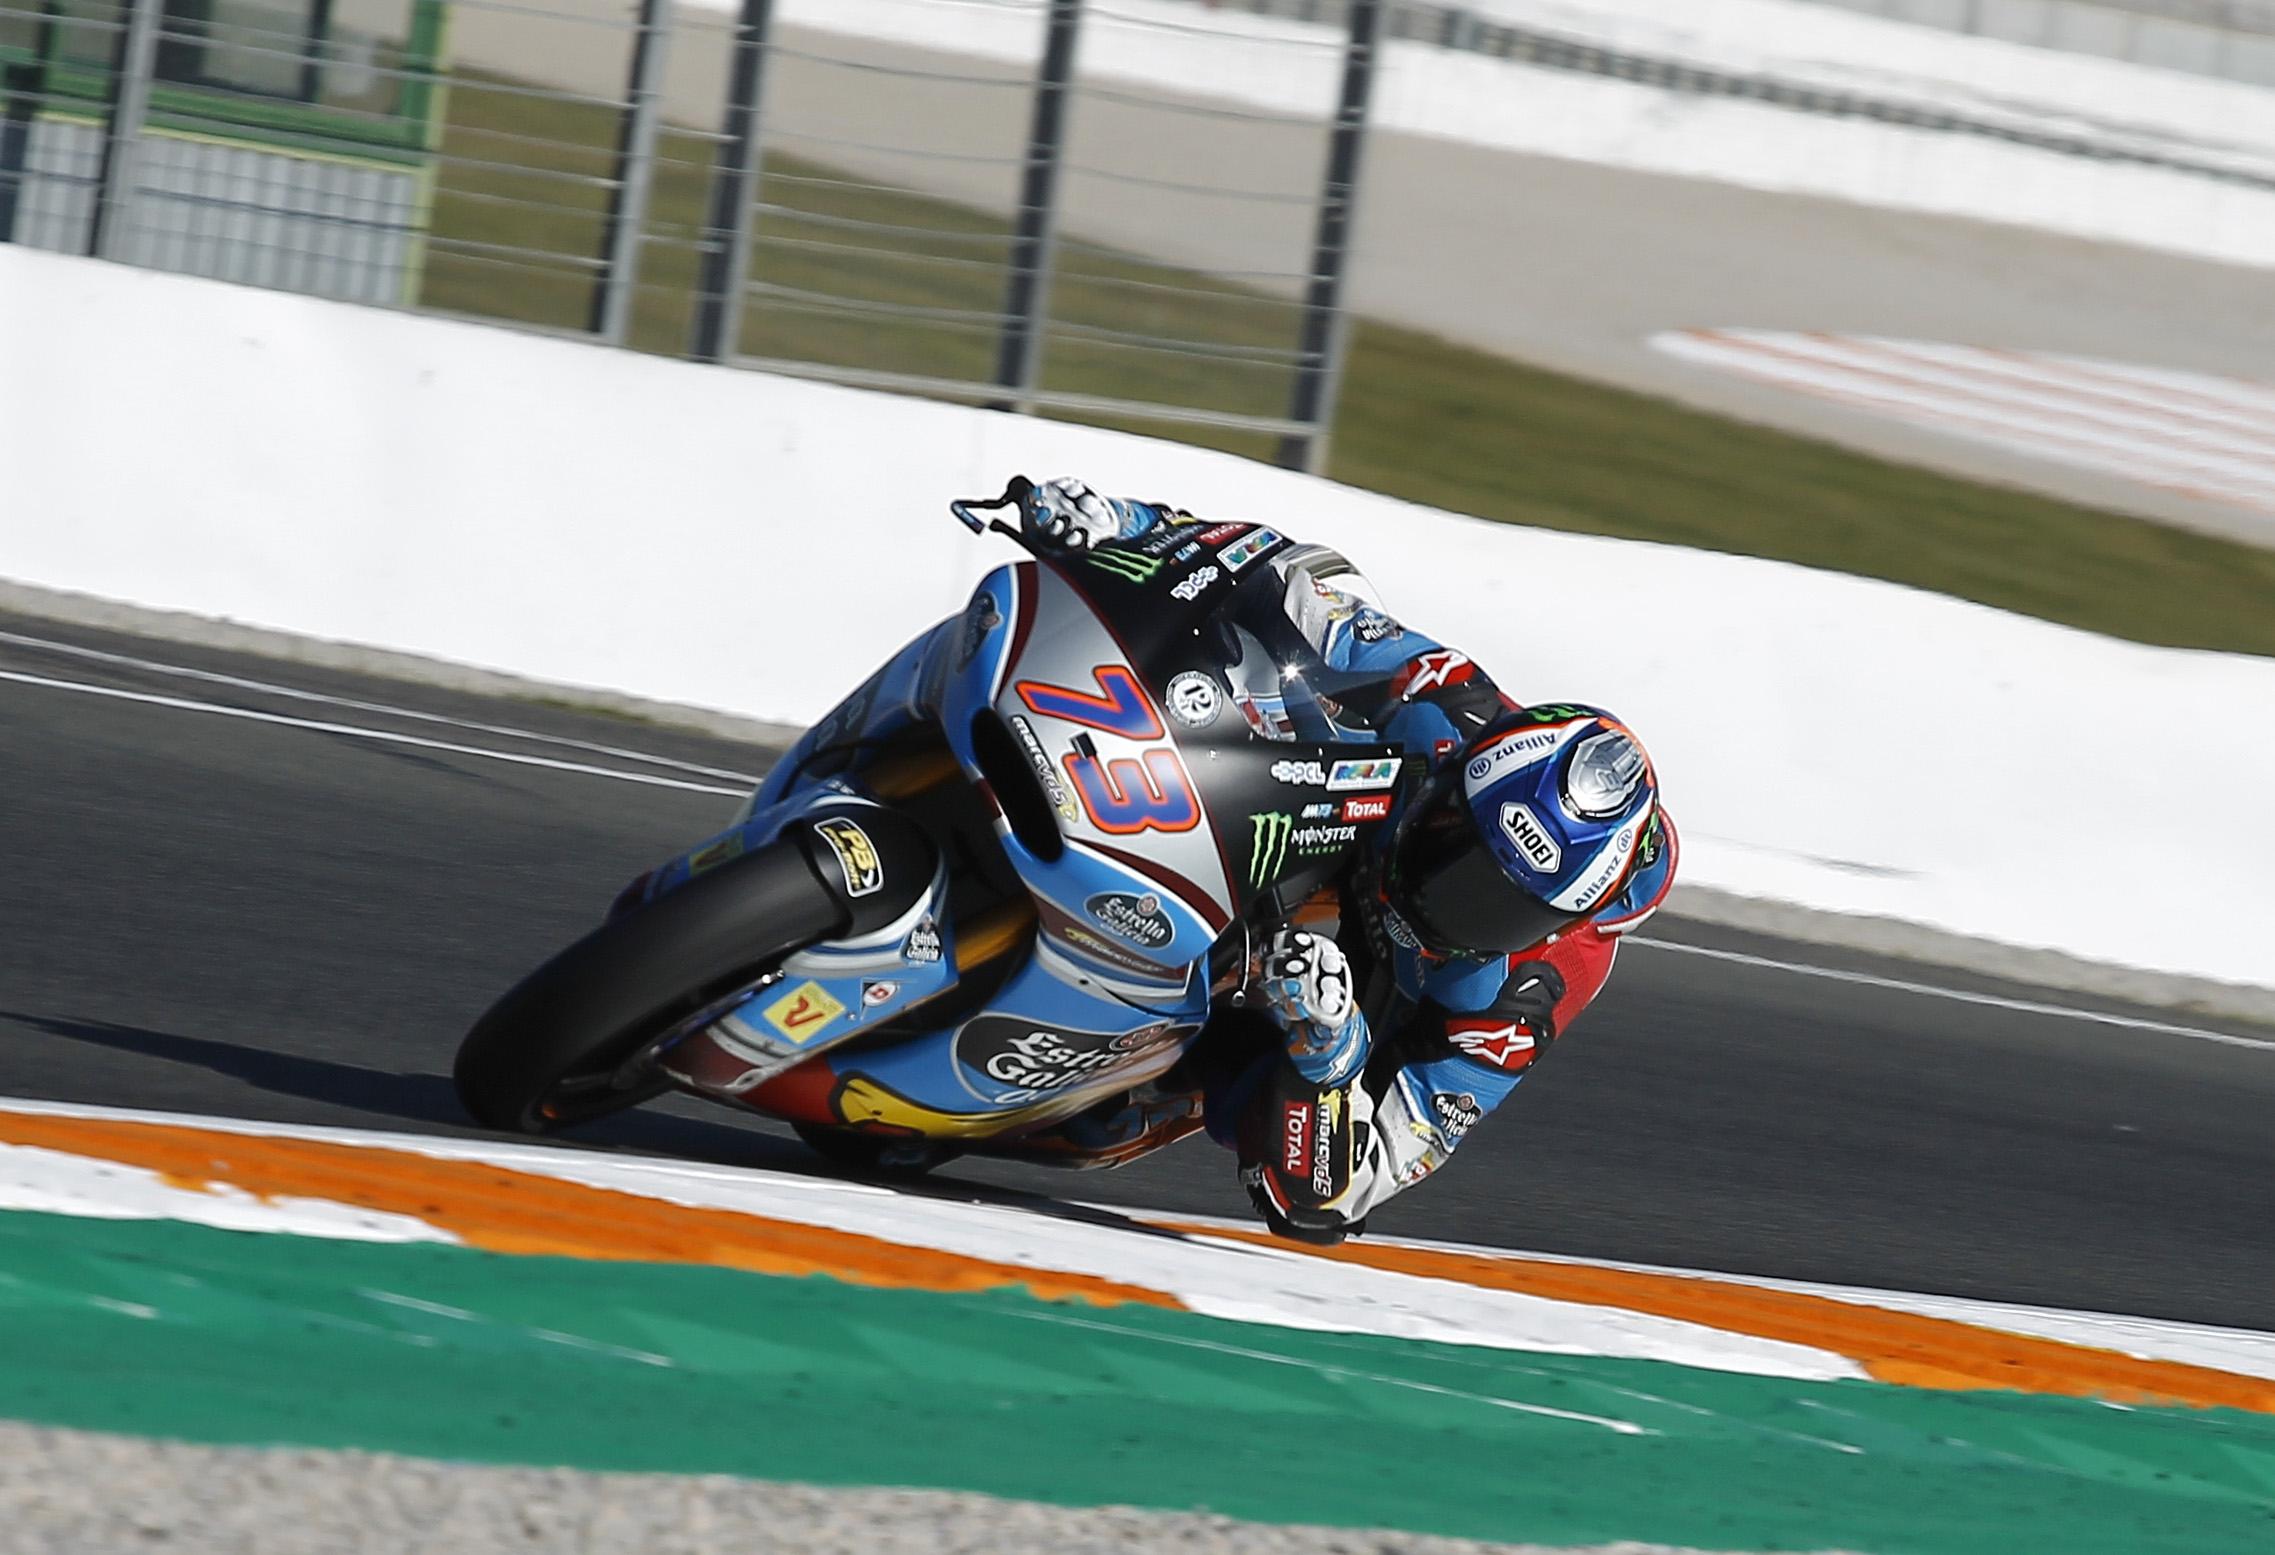 Automovilismo y motociclismo celebrarán distintas pruebas en el trazado de Cheste